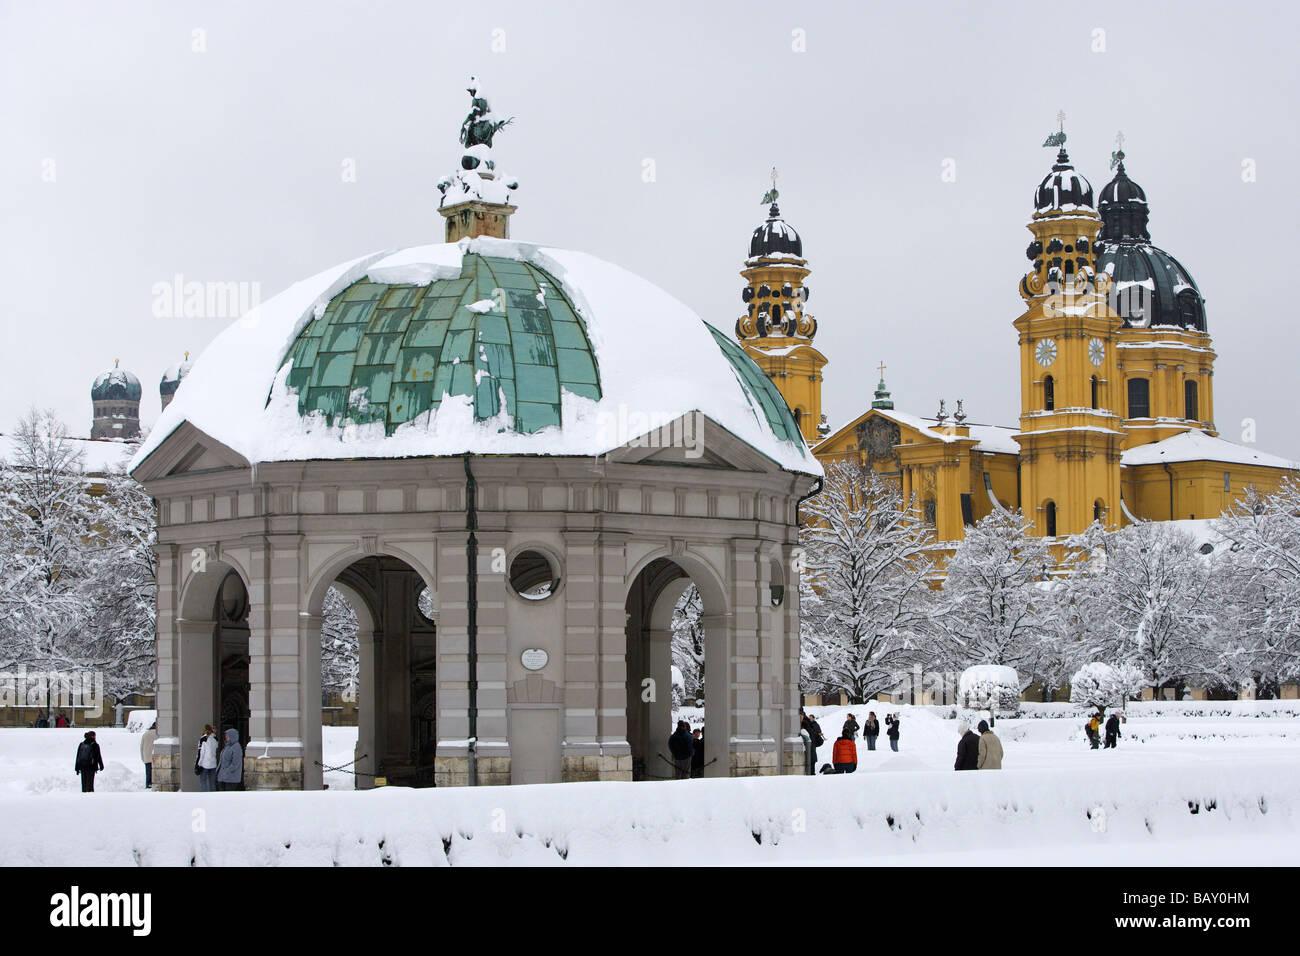 Un jour d'hiver à l'Hofgarten et son pavillion, le onionshaped tours de l'église Frauenkirche Photo Stock